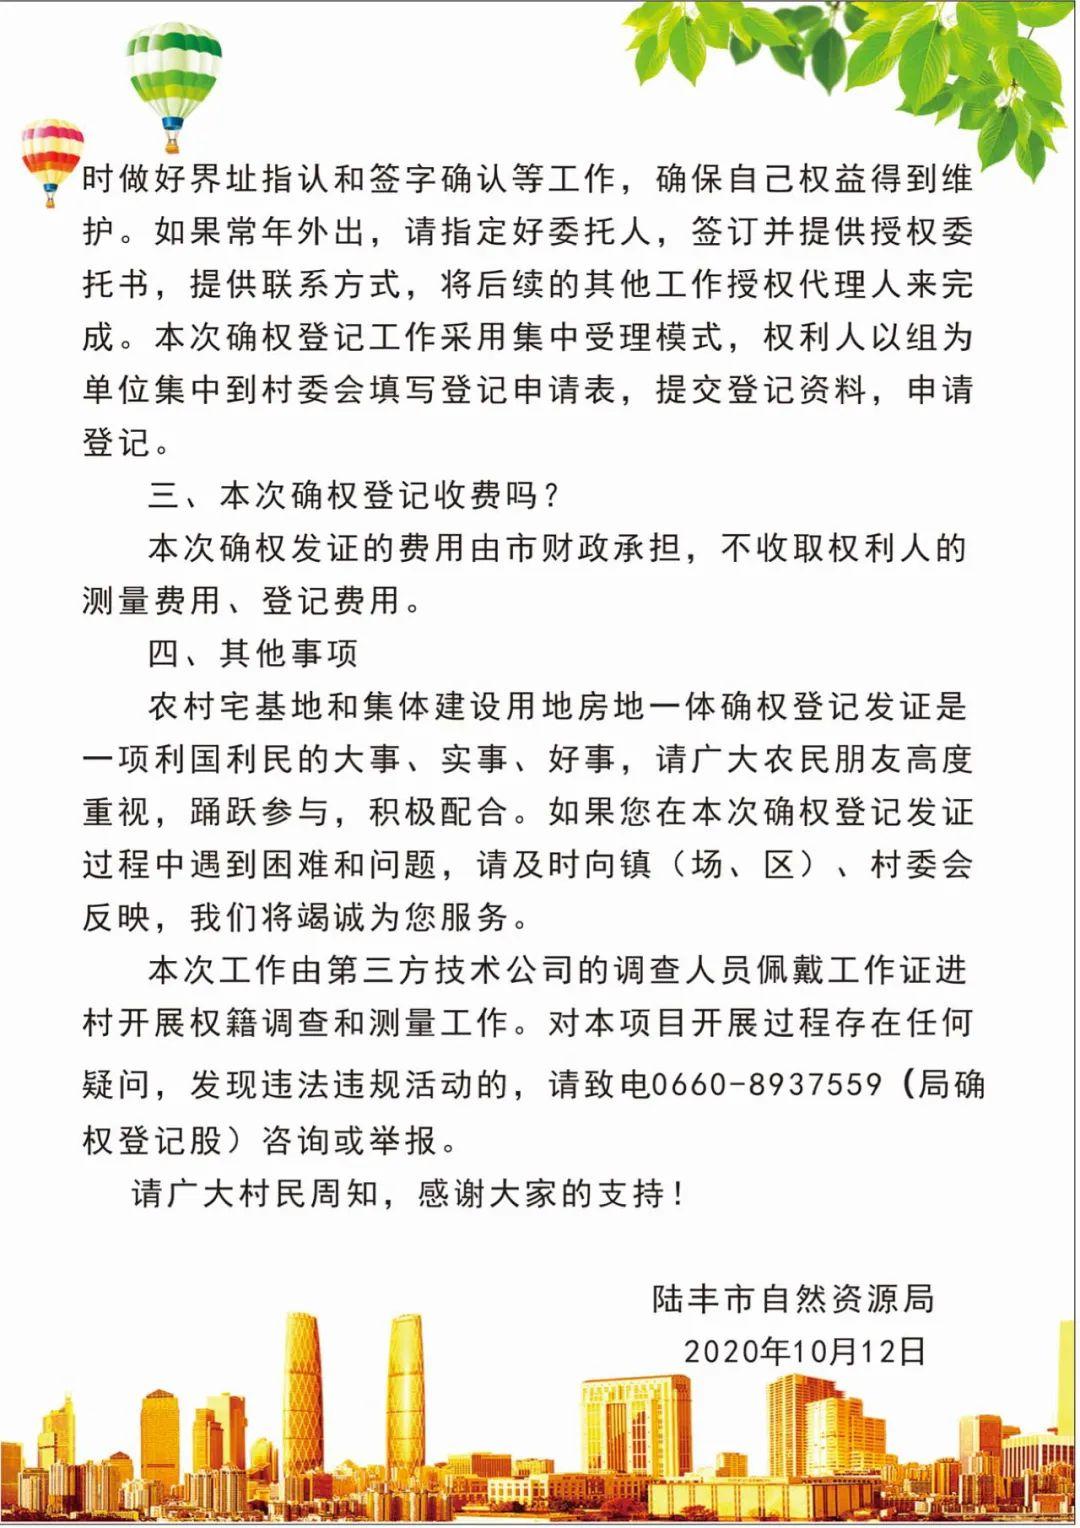 """陆丰农村""""房地一体农村宅基地和集体建设用地""""不动产登记发证即将开始 陆丰新闻 第2张"""